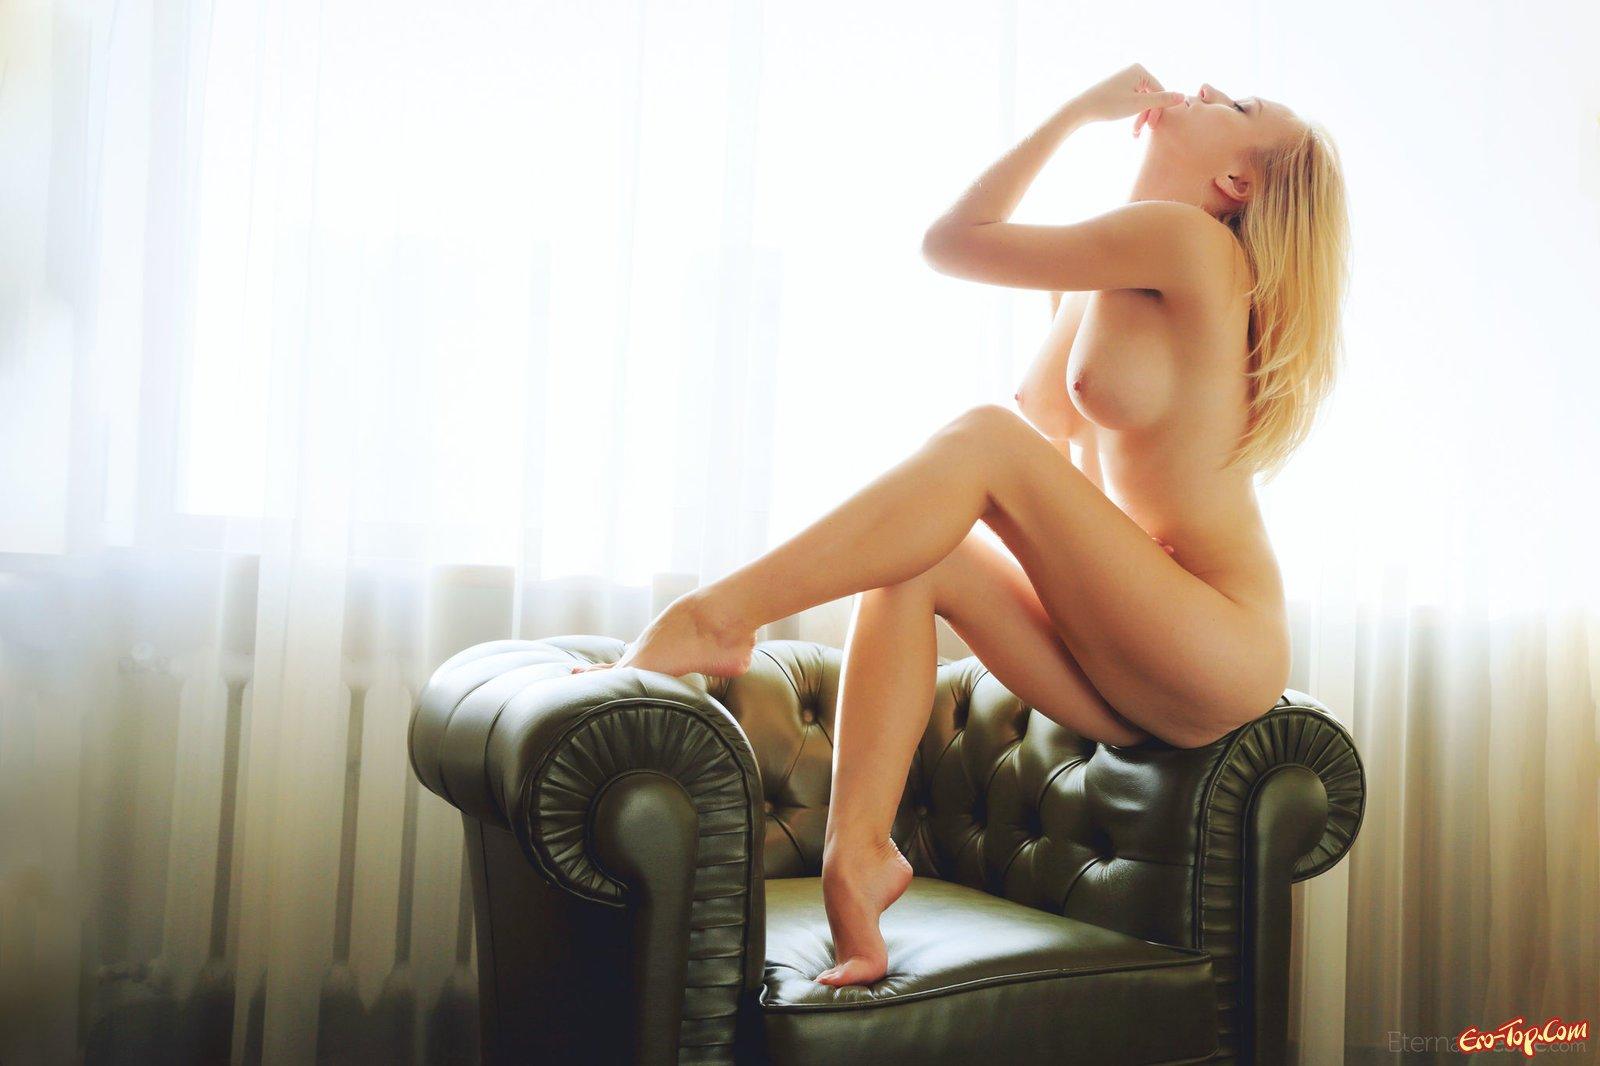 Похотливая блондинка с хорошеньким подтянутым туловищем